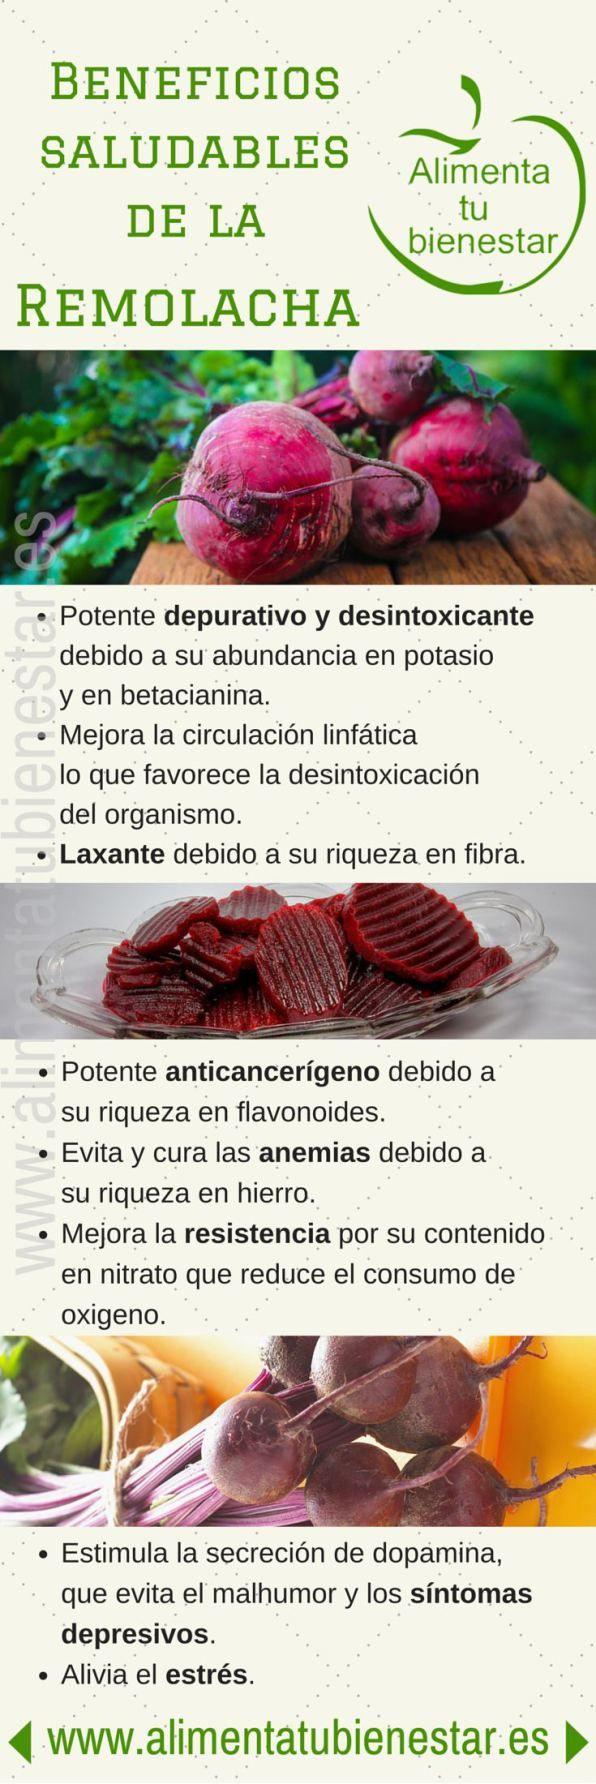 Verduras depurativas desintoxicantes: remolacha, alcachofa y cardo